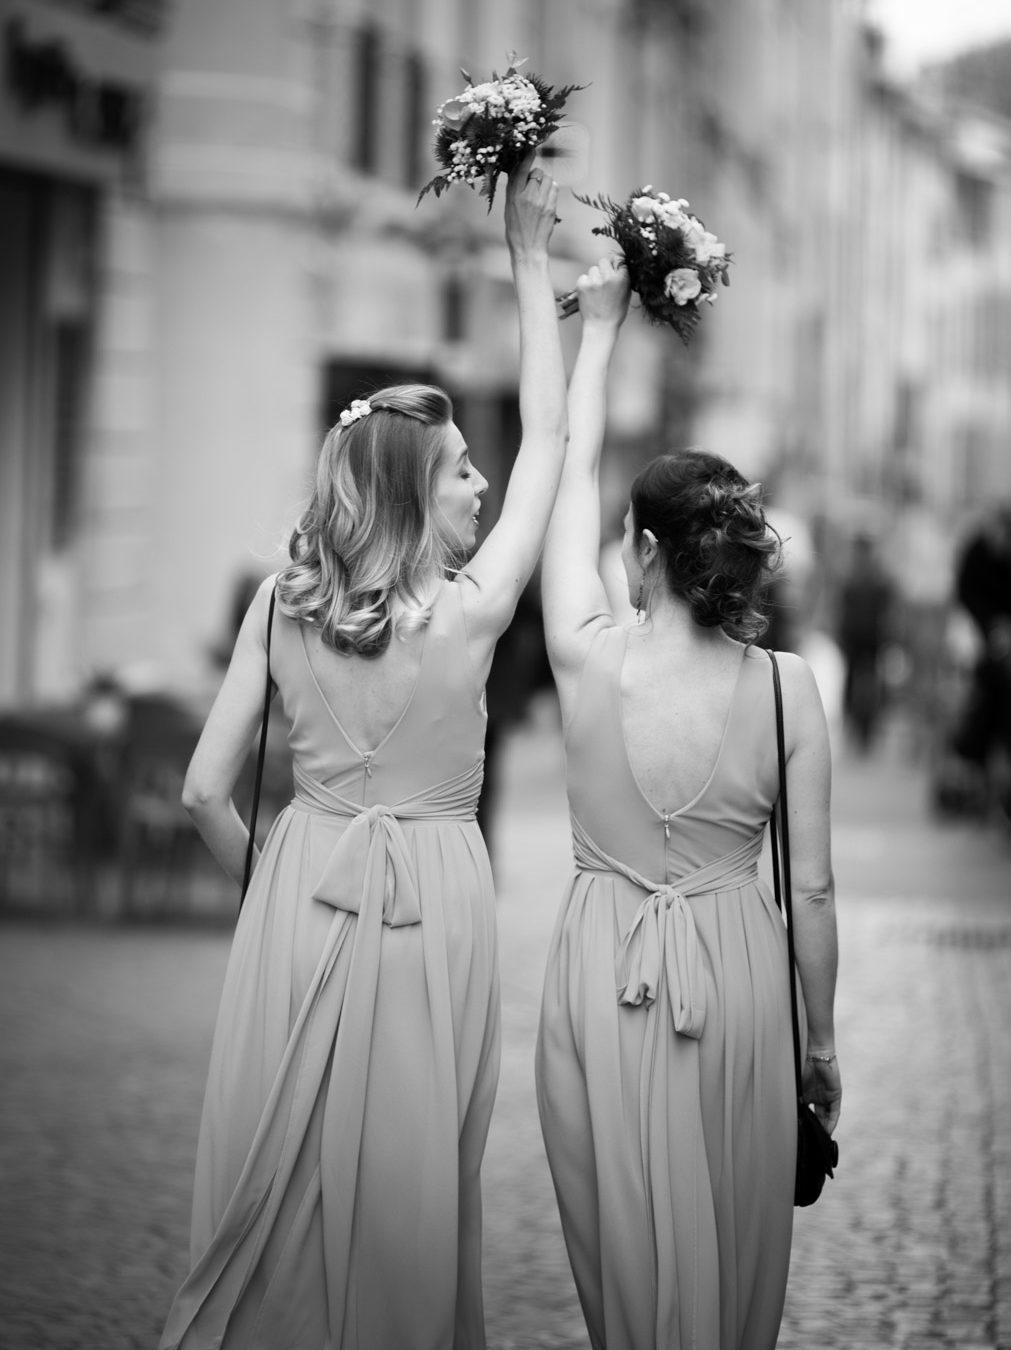 les demoiselles d'honneur mènent le cortège depuis la mairie d'aix en provence jusqu'au pavillon vendome